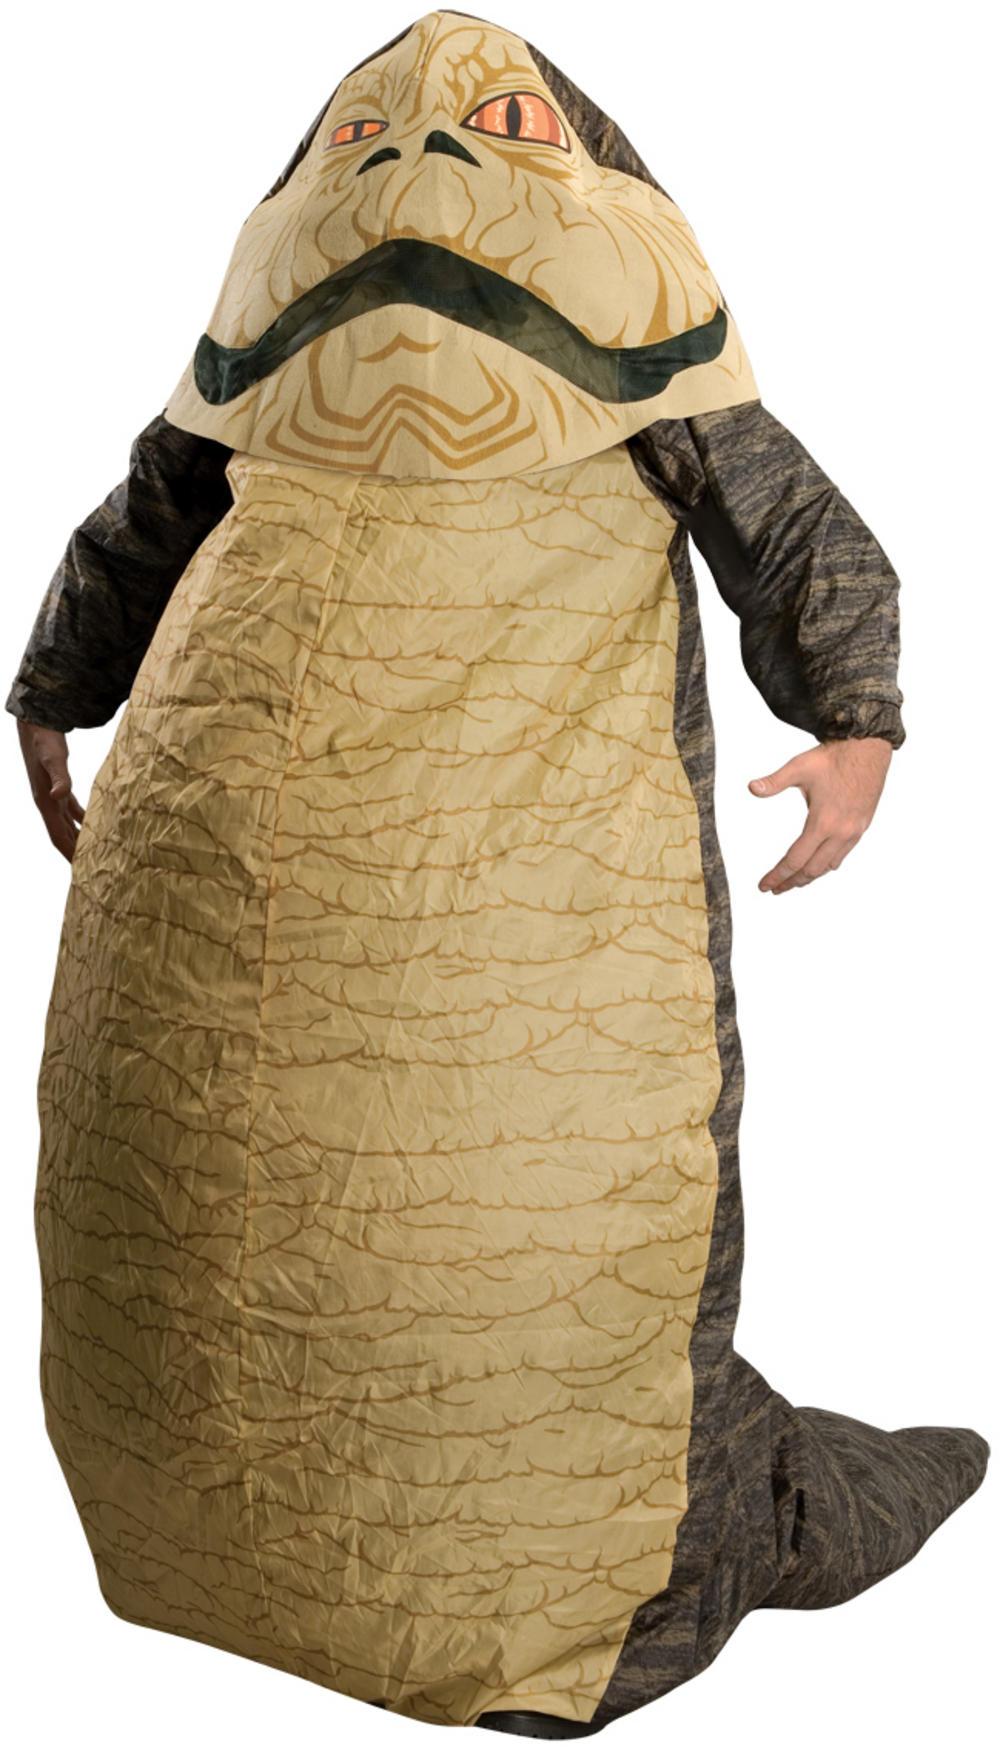 Star Wars Jabba The Hutt Costume | Star Wars Fancy Dress ... Jabba The Hutt Costume